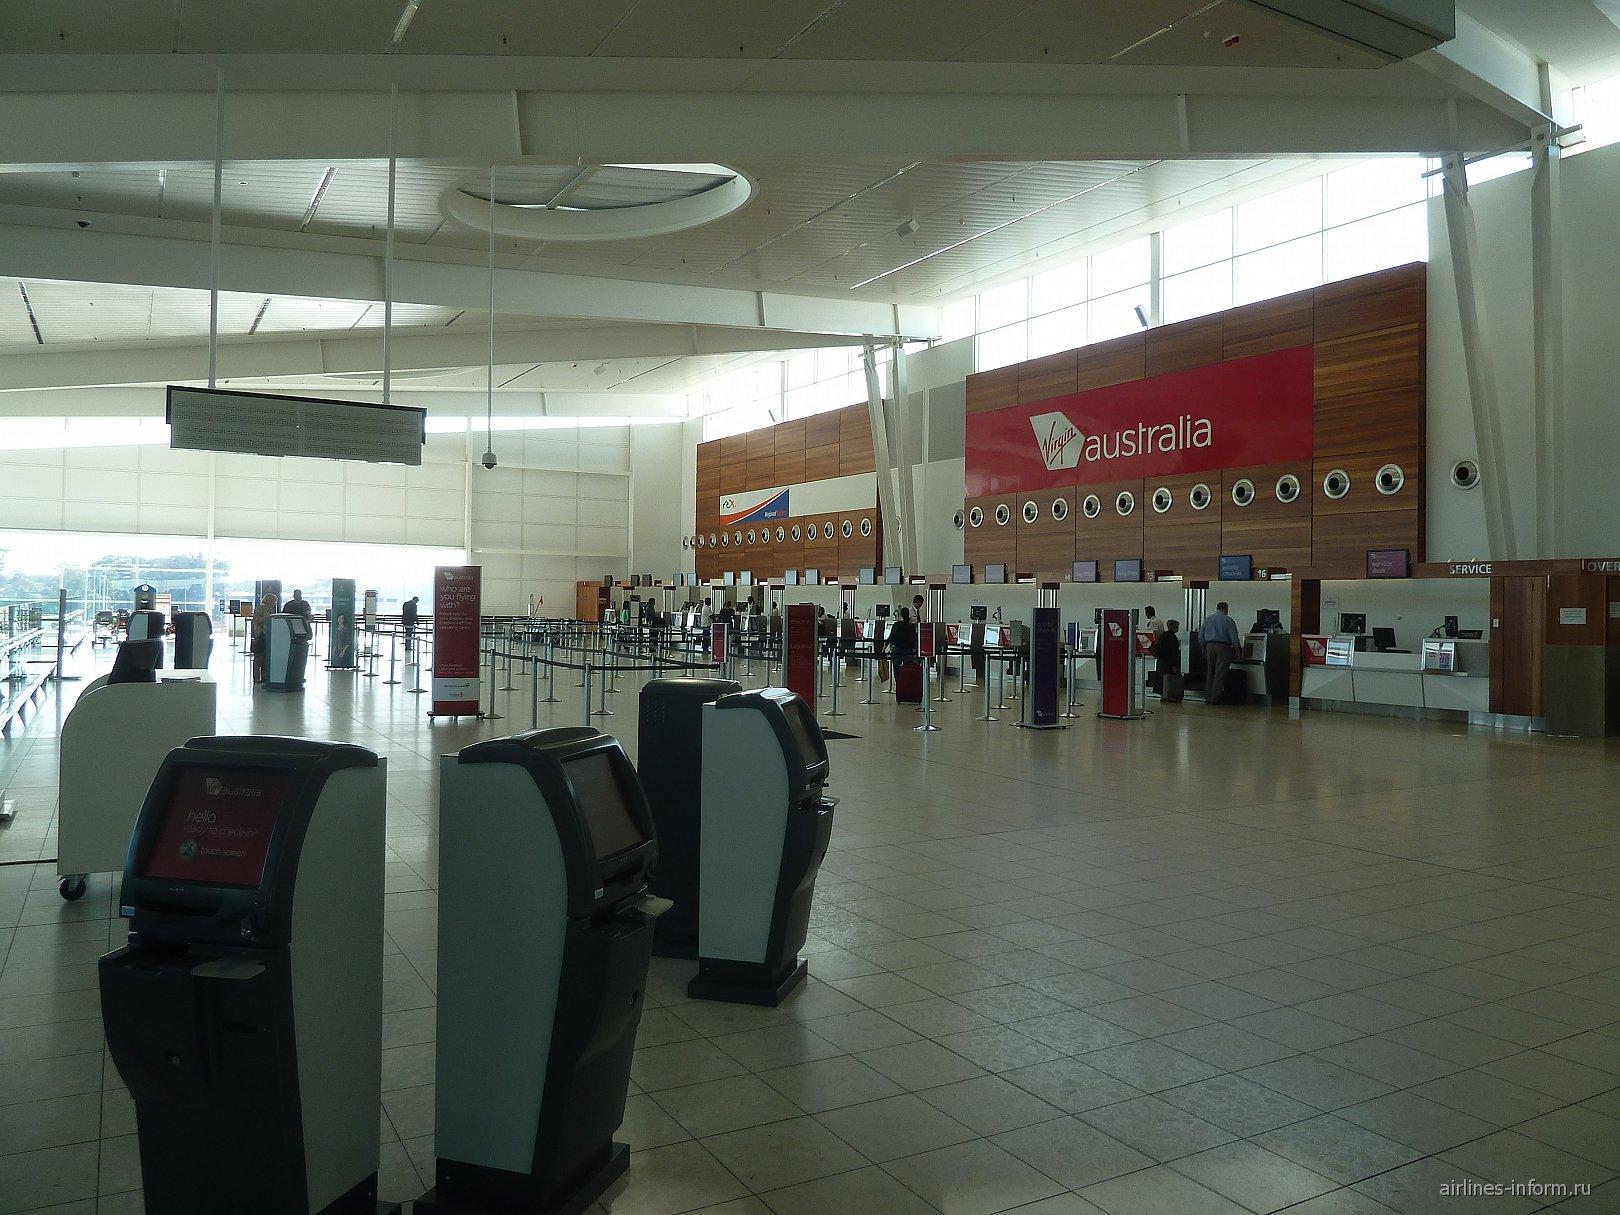 Стойки регистрации в аэропорту Аделаида